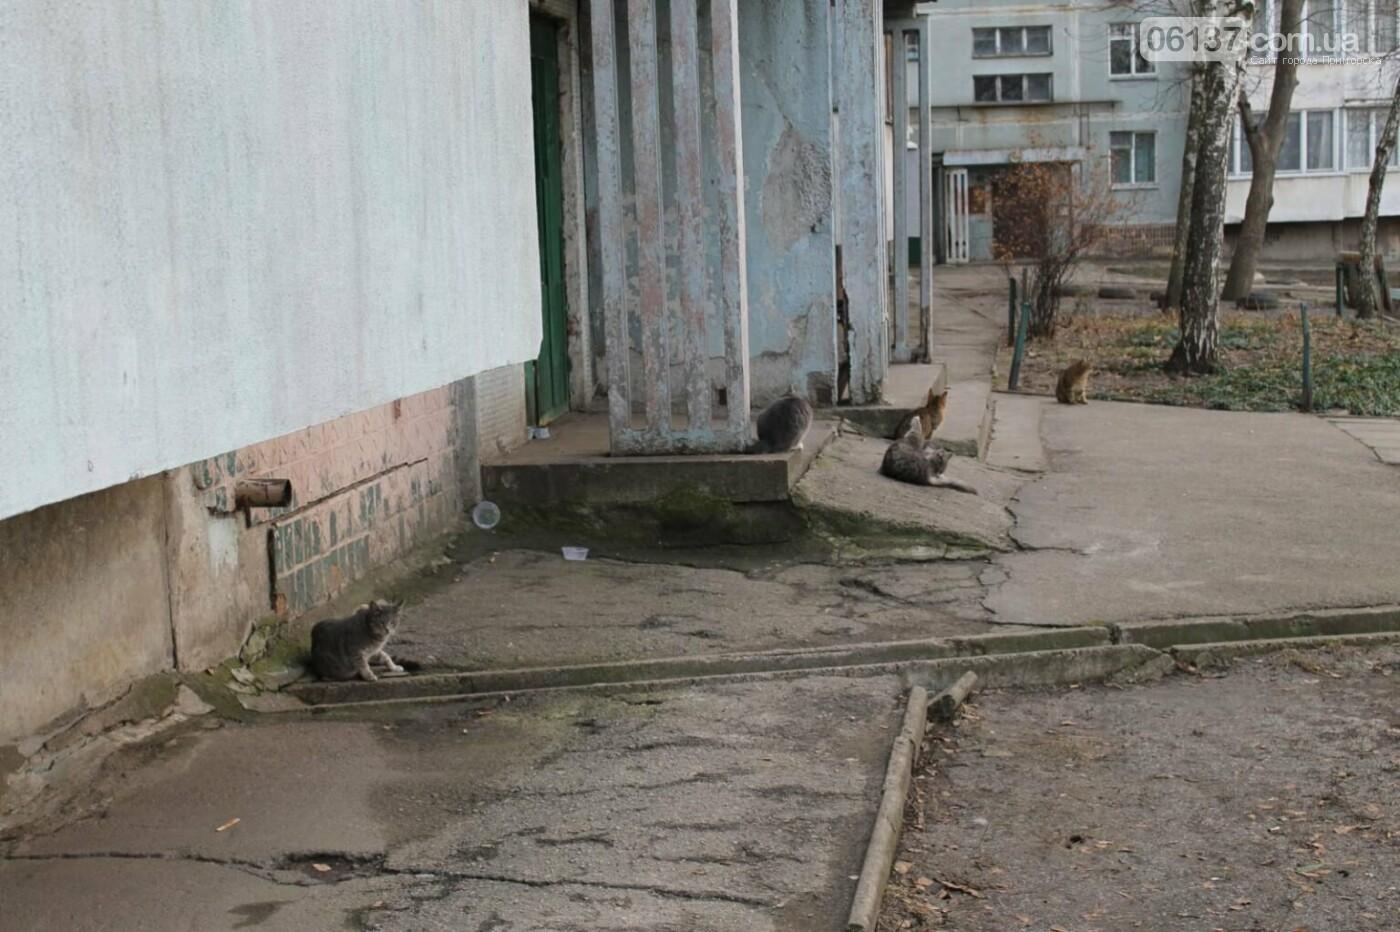 В Запорожье ОСББ хочет замуровать около 60 котов в подвалах дома. Фото/Видео, фото-4